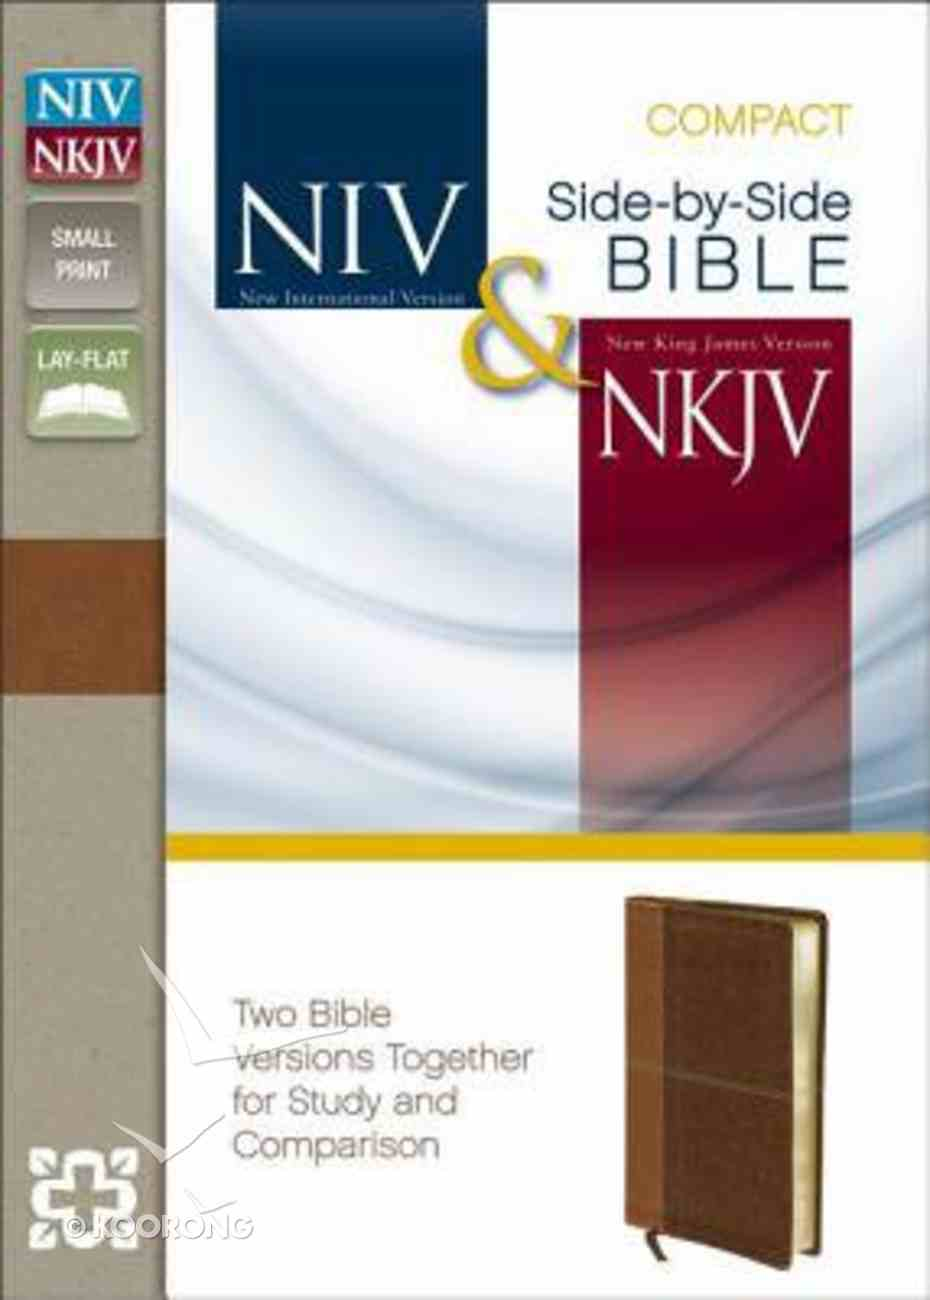 Niv/Nkjv Side-By-Side Bible Compact Caramel/Dark Caramel (Black Letter Edition) Premium Imitation Leather